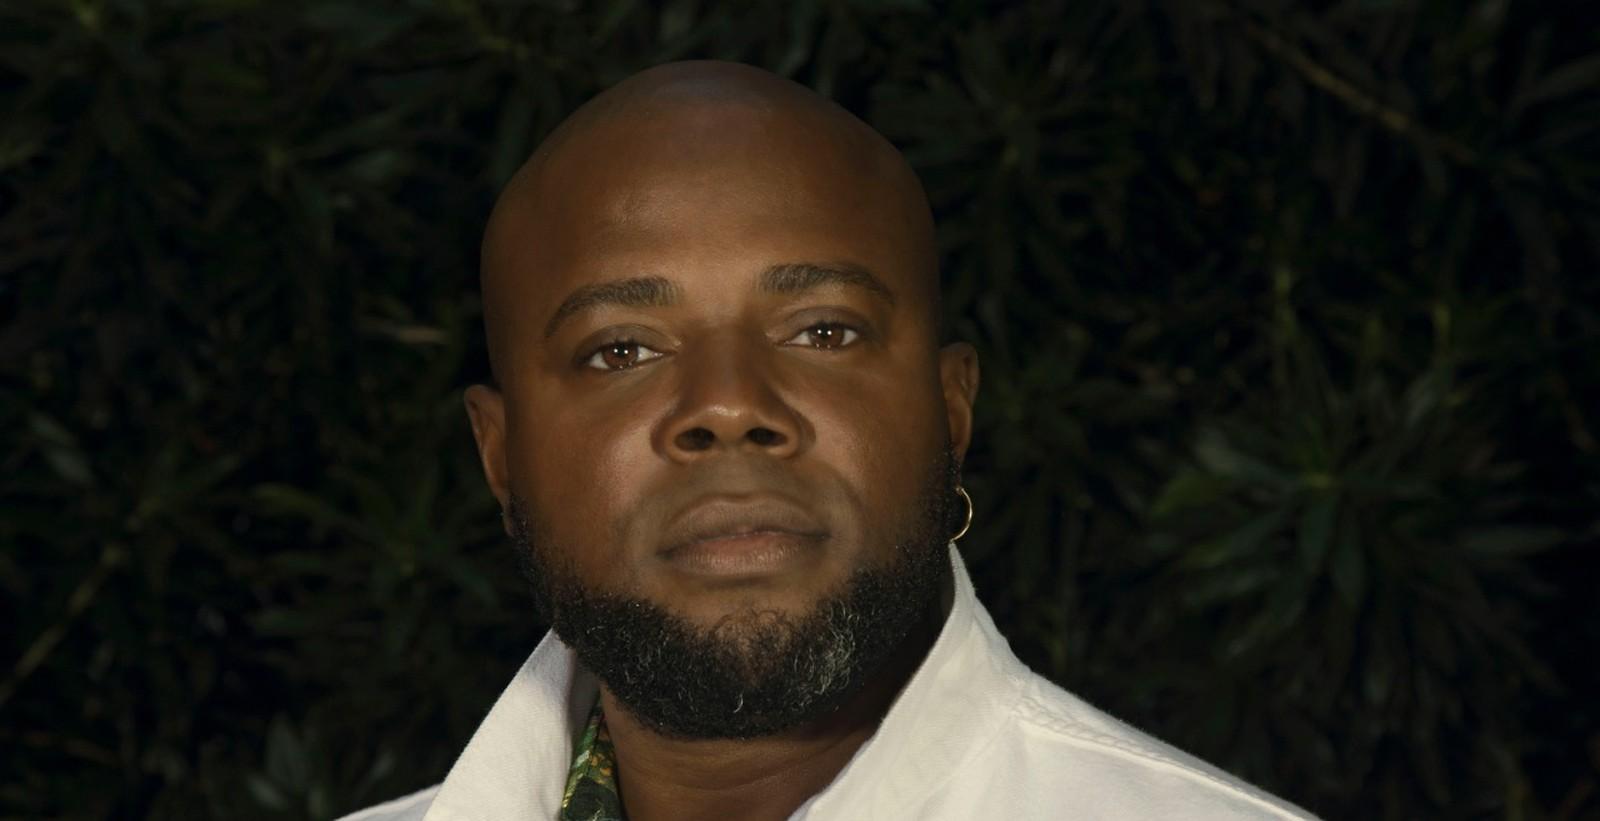 Érico Brás - homem negro, careca e de pouca barba, usando camisa branca- em pé olhando para frente